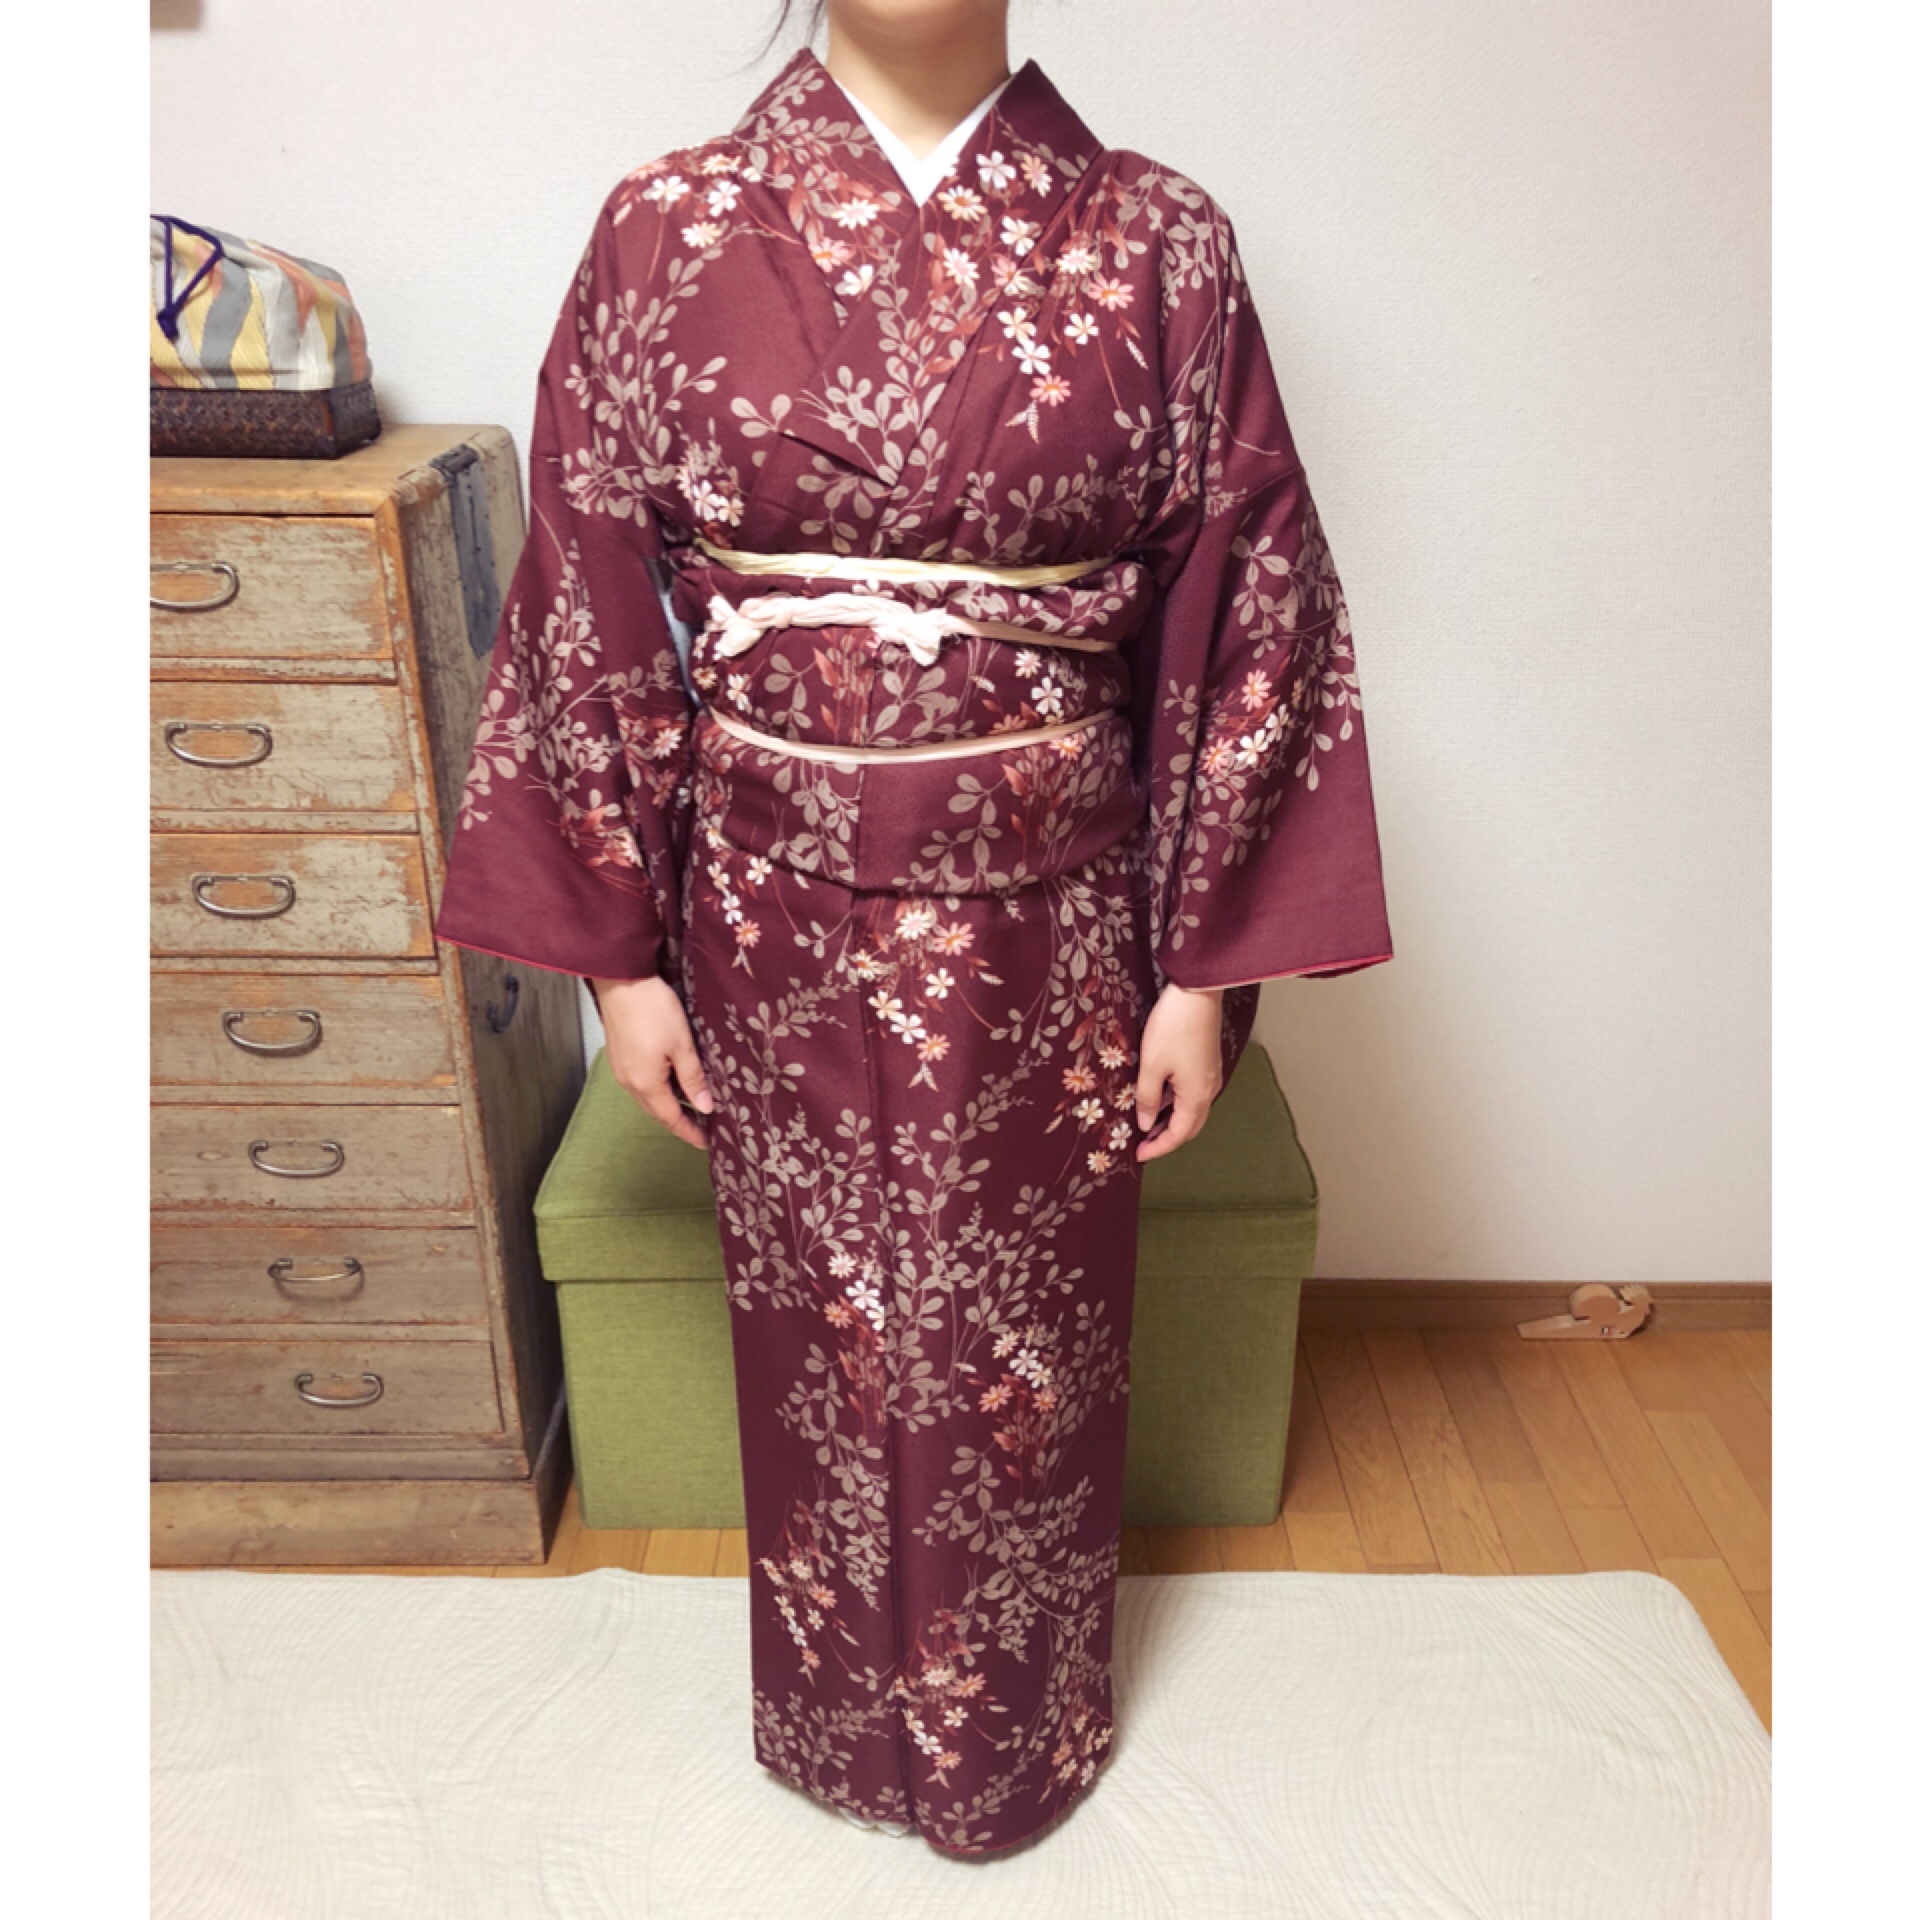 美しい着姿は綺麗の積み重ね【大阪京橋の着付け教室きものたまより】